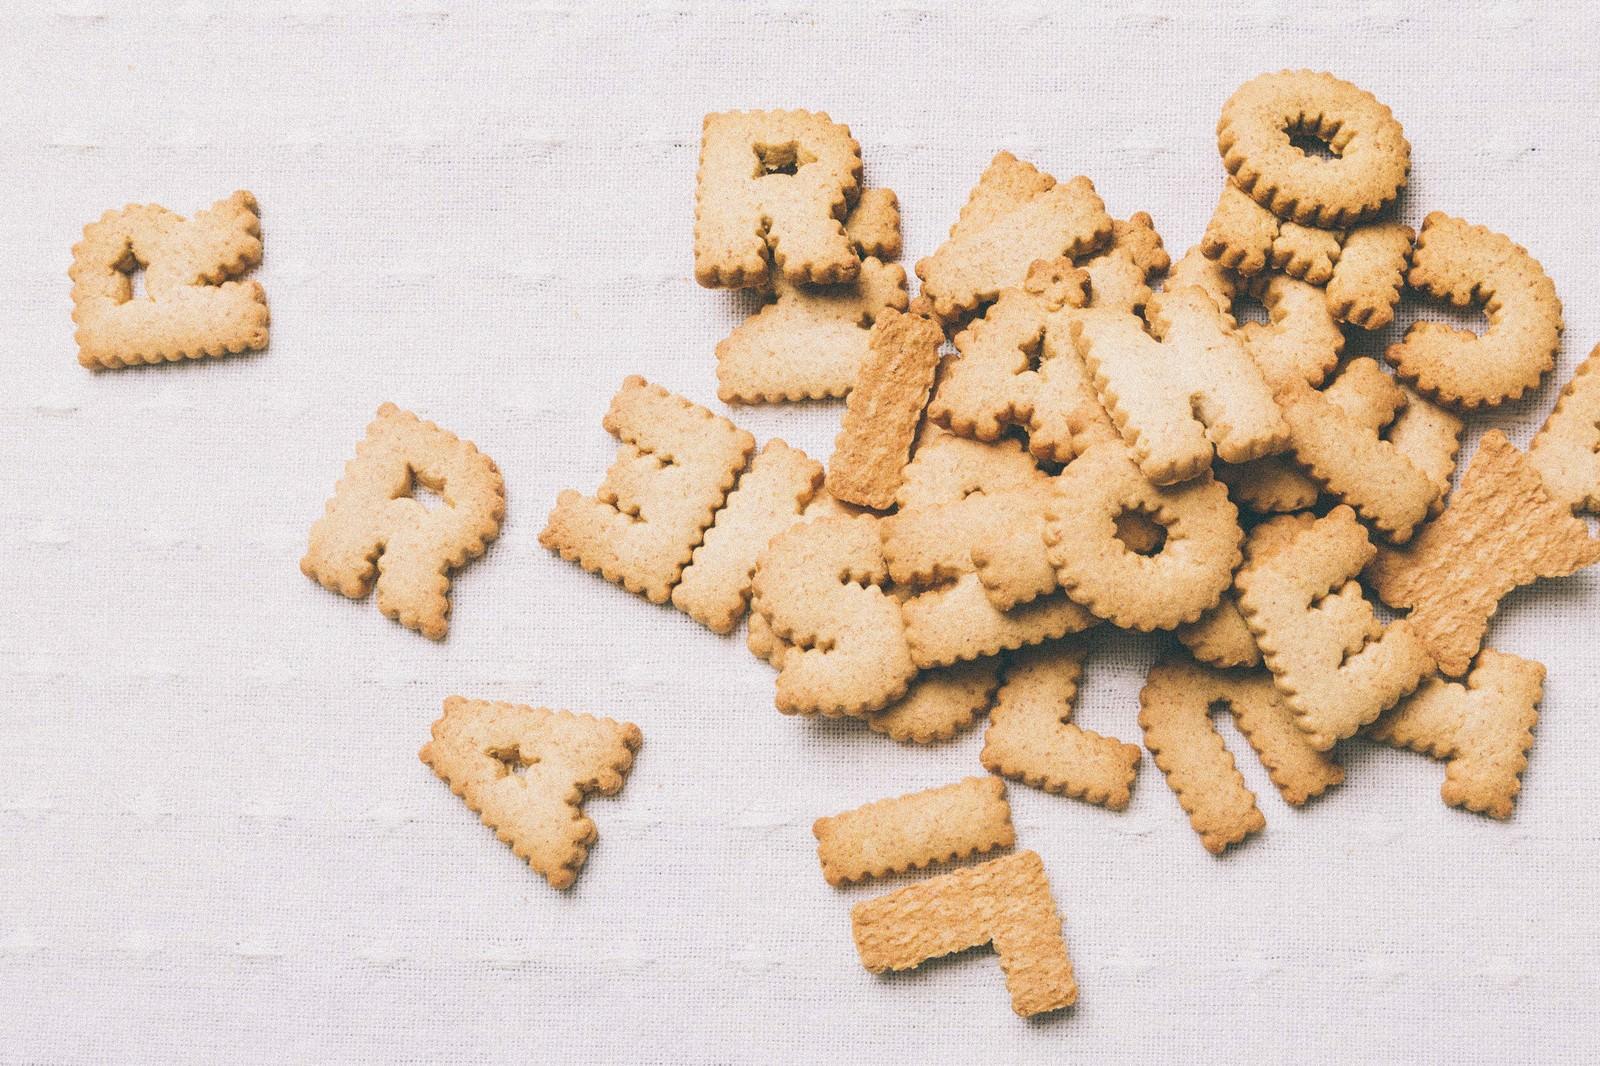 「散らばった英語のクッキー散らばった英語のクッキー」のフリー写真素材を拡大